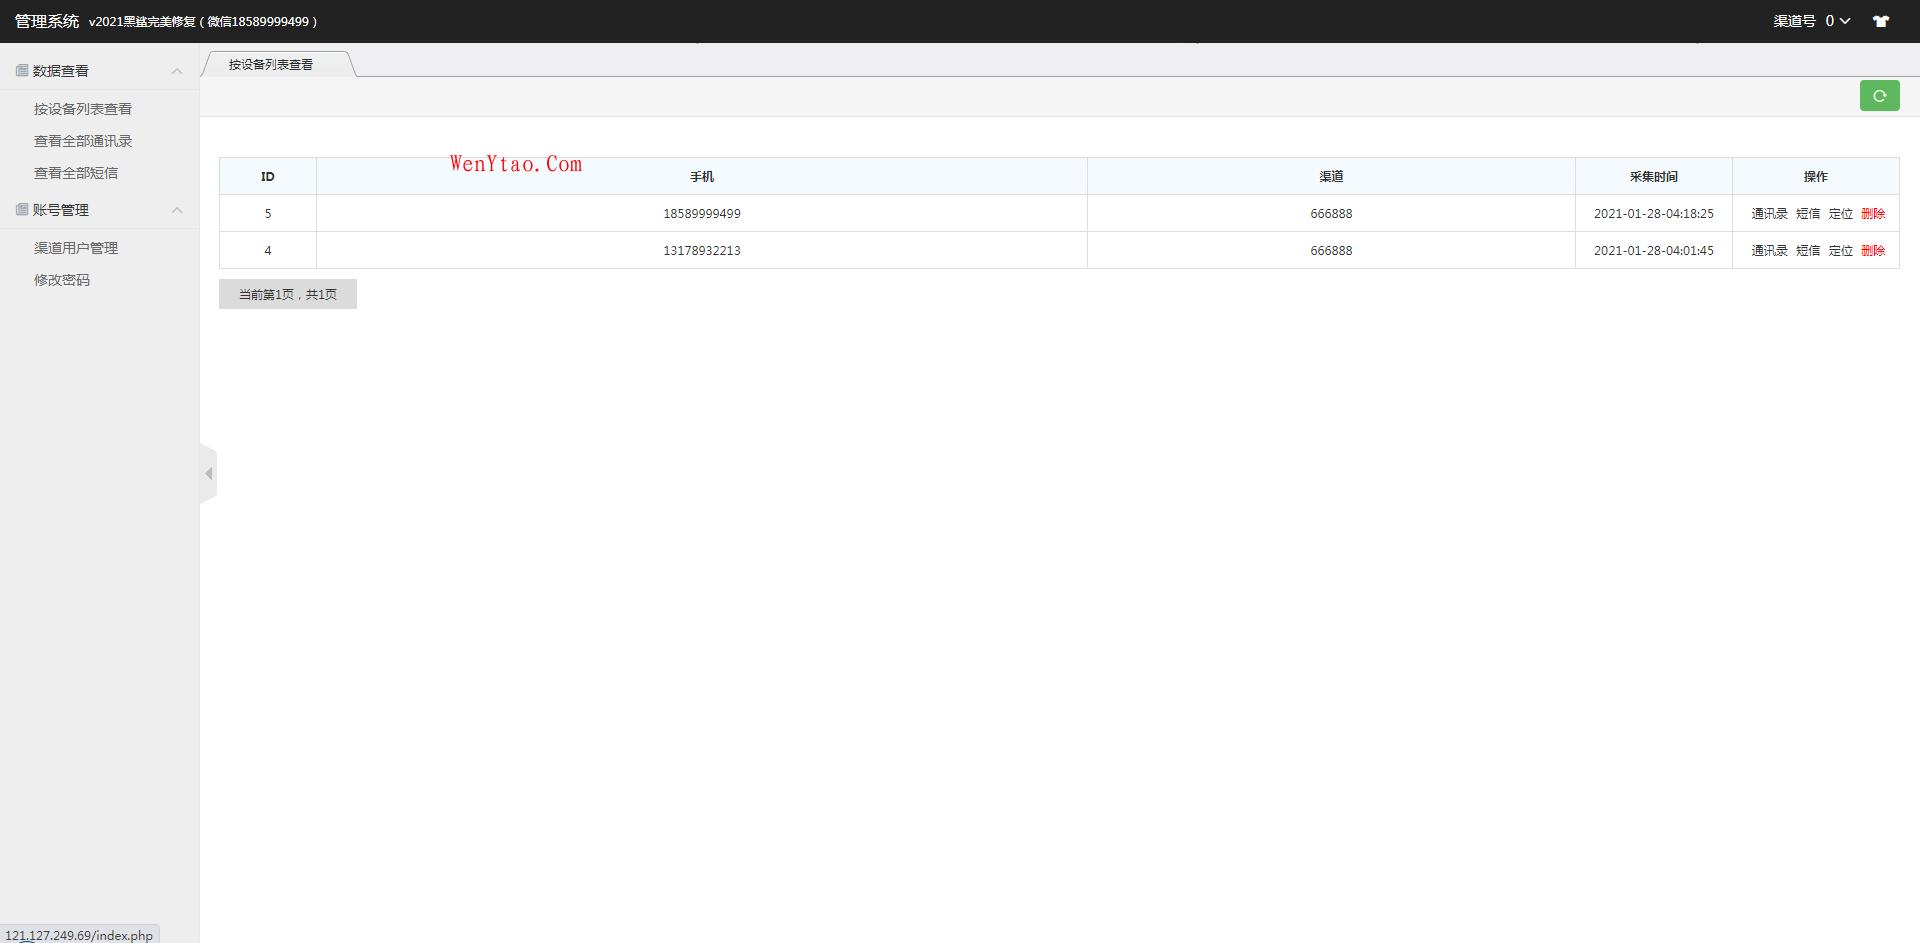 黑鲨通讯录V3.0 通讯录+ 短信 + 定位 2021完美修复(过报毒) zip windows 数据库 APP 证书 nbsp 服务器 网站 第3张